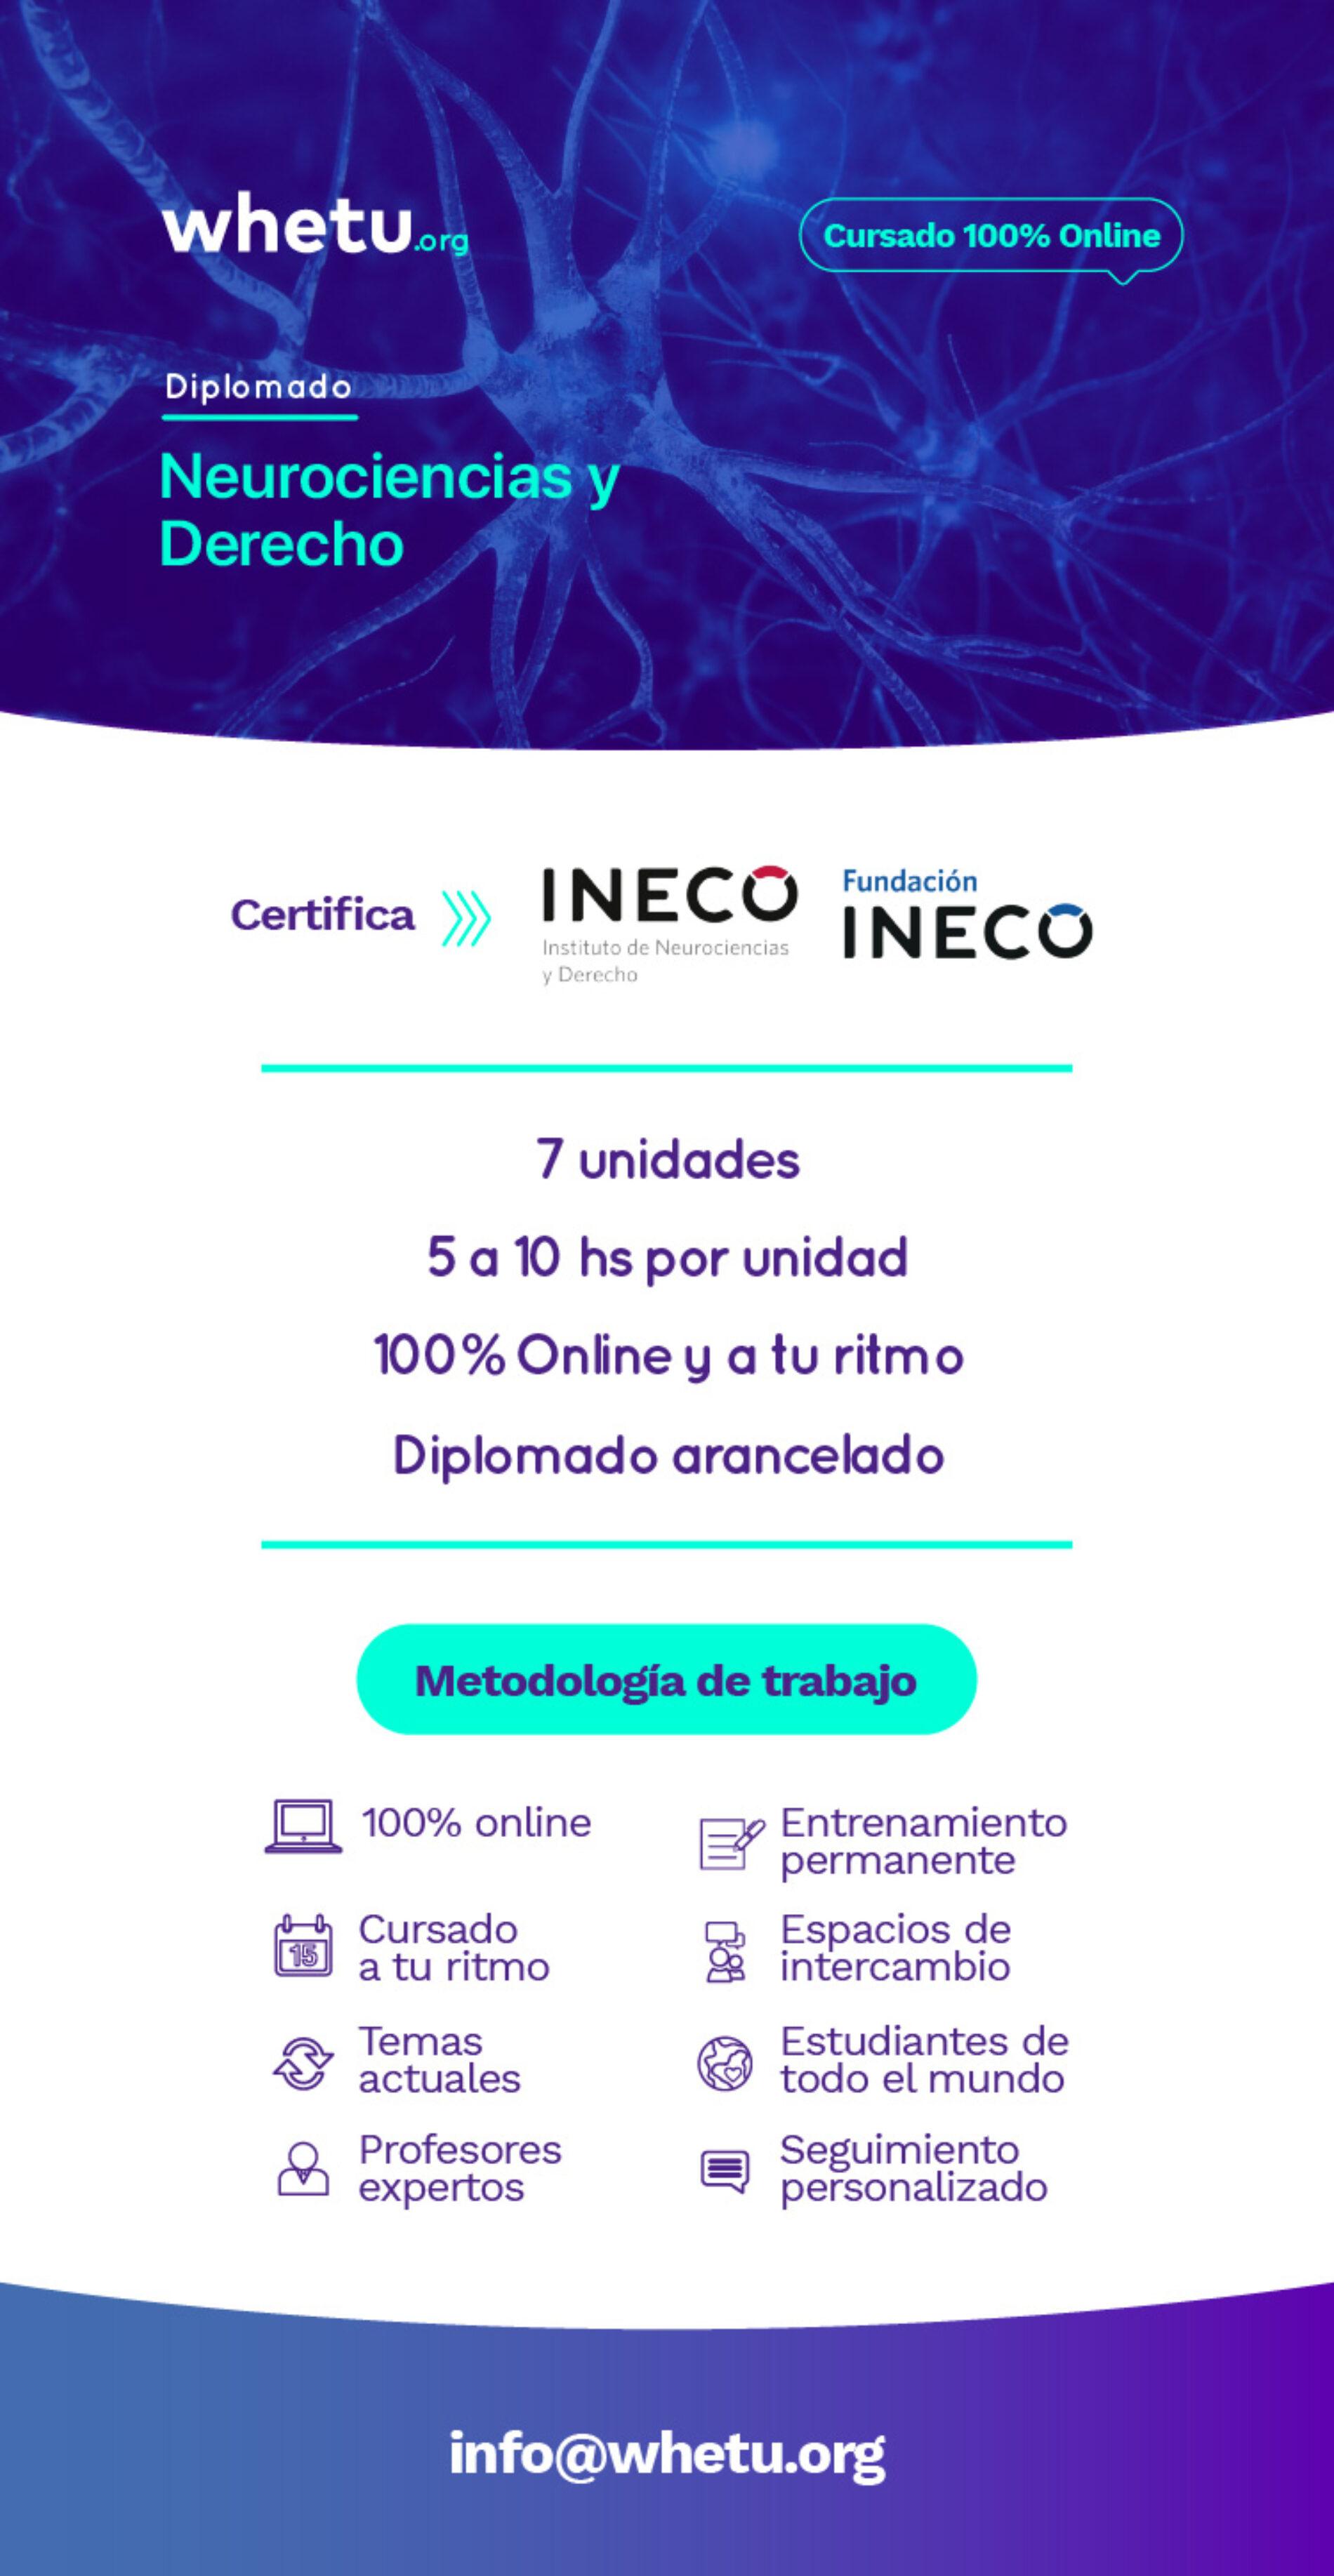 Curso online «Neurociencias y Derecho» Fundación INECO -Socios Fundejus 50% de descuento-